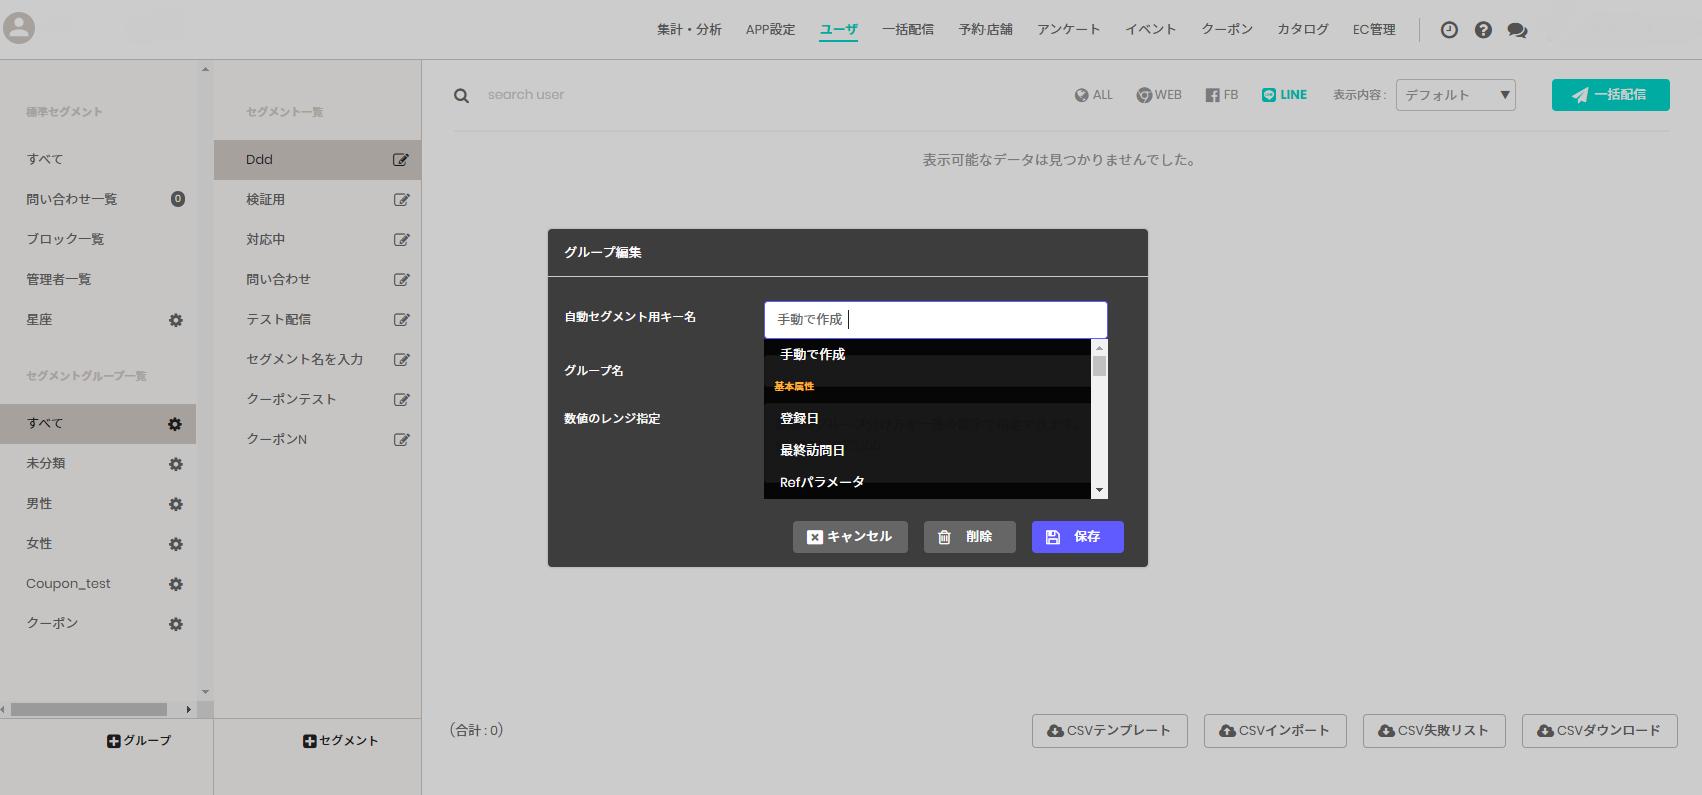 新ユーザーセグメントの設定方法